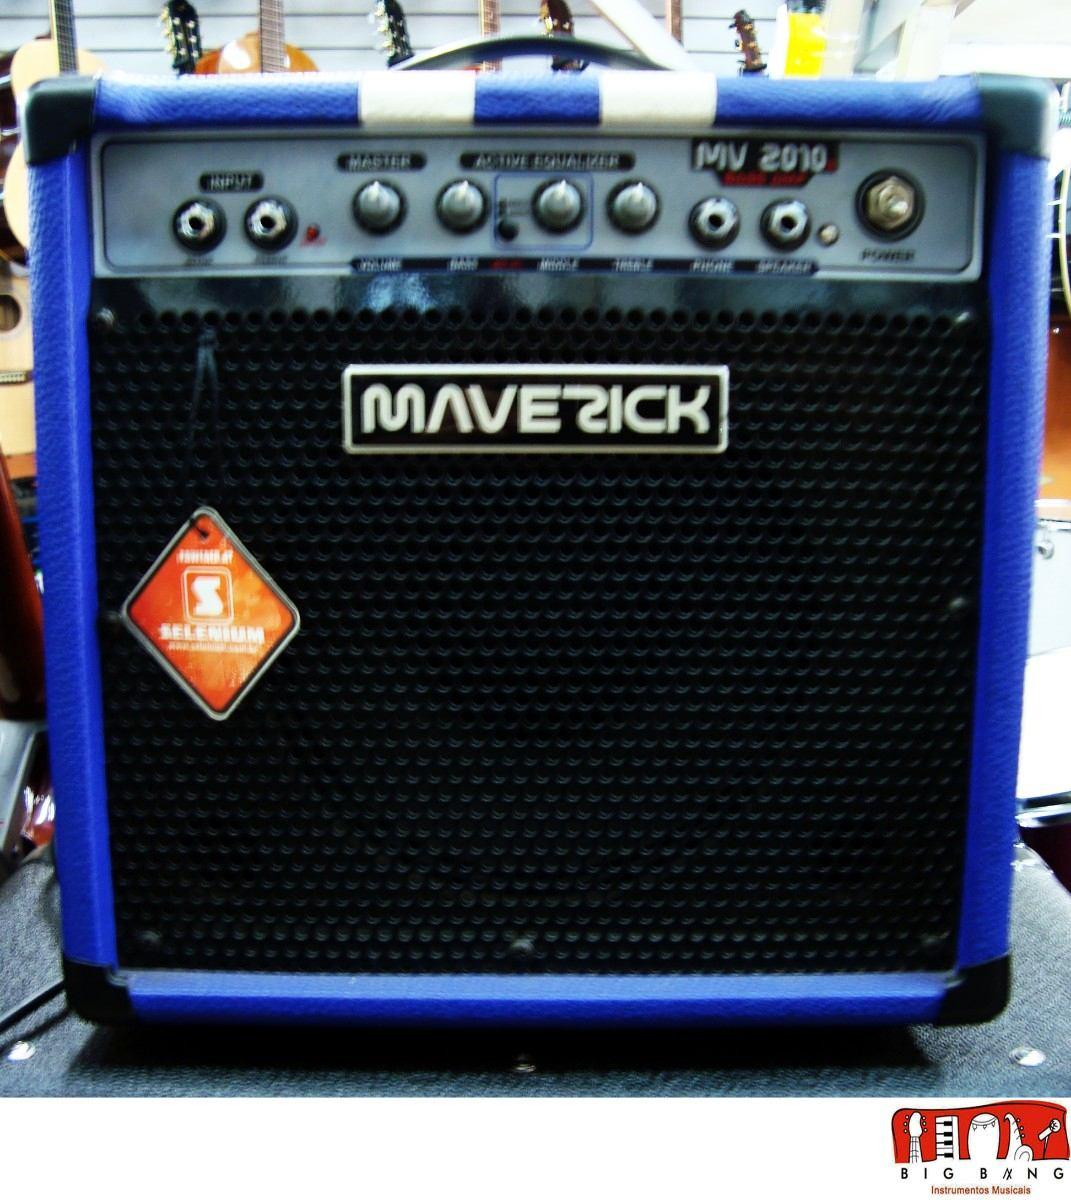 Escolhendo o seu amplificador: Poste suas dúvidas aqui. - Página 4 Amplificador_maverick_2010b_bass_14374_MLB458121